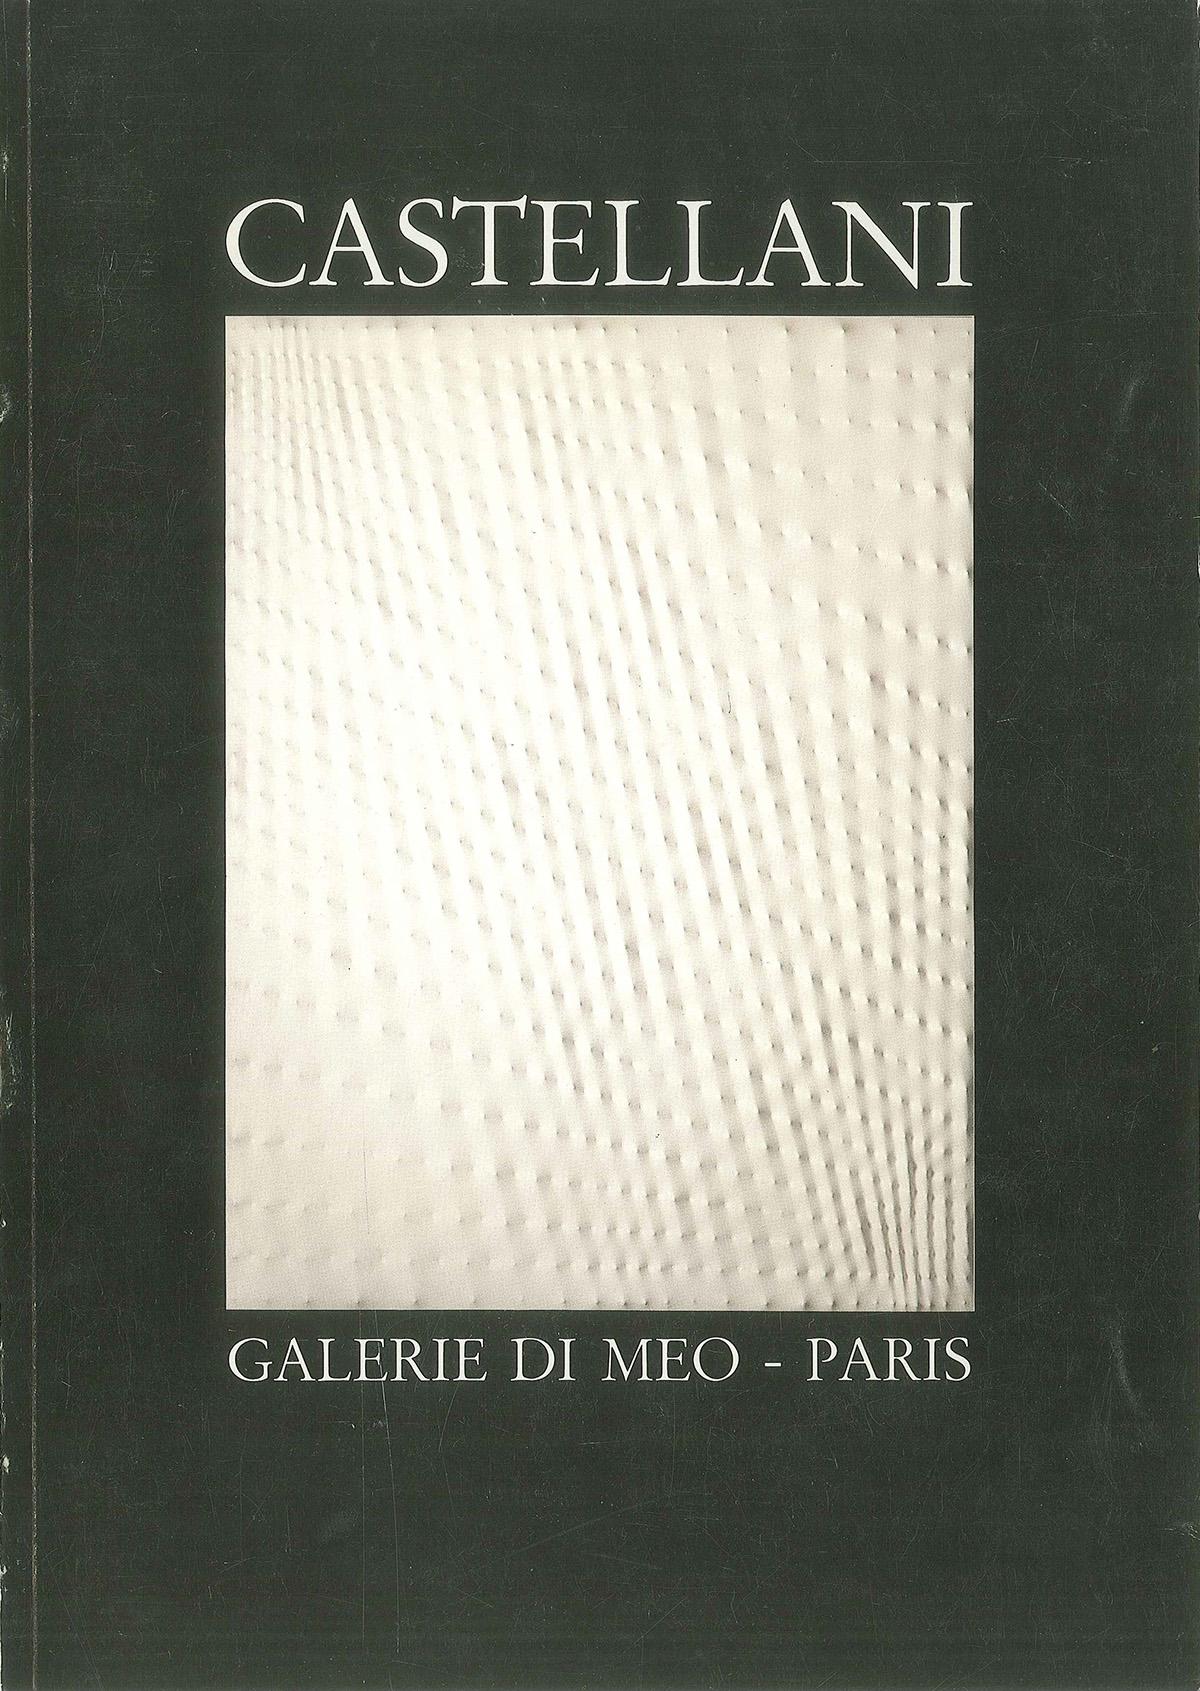 Cover - Castellani, Adachiara Zevi, 1988, Galerie Di Meo, Edizioni Elora C. Elessi, Parigi (FRA)